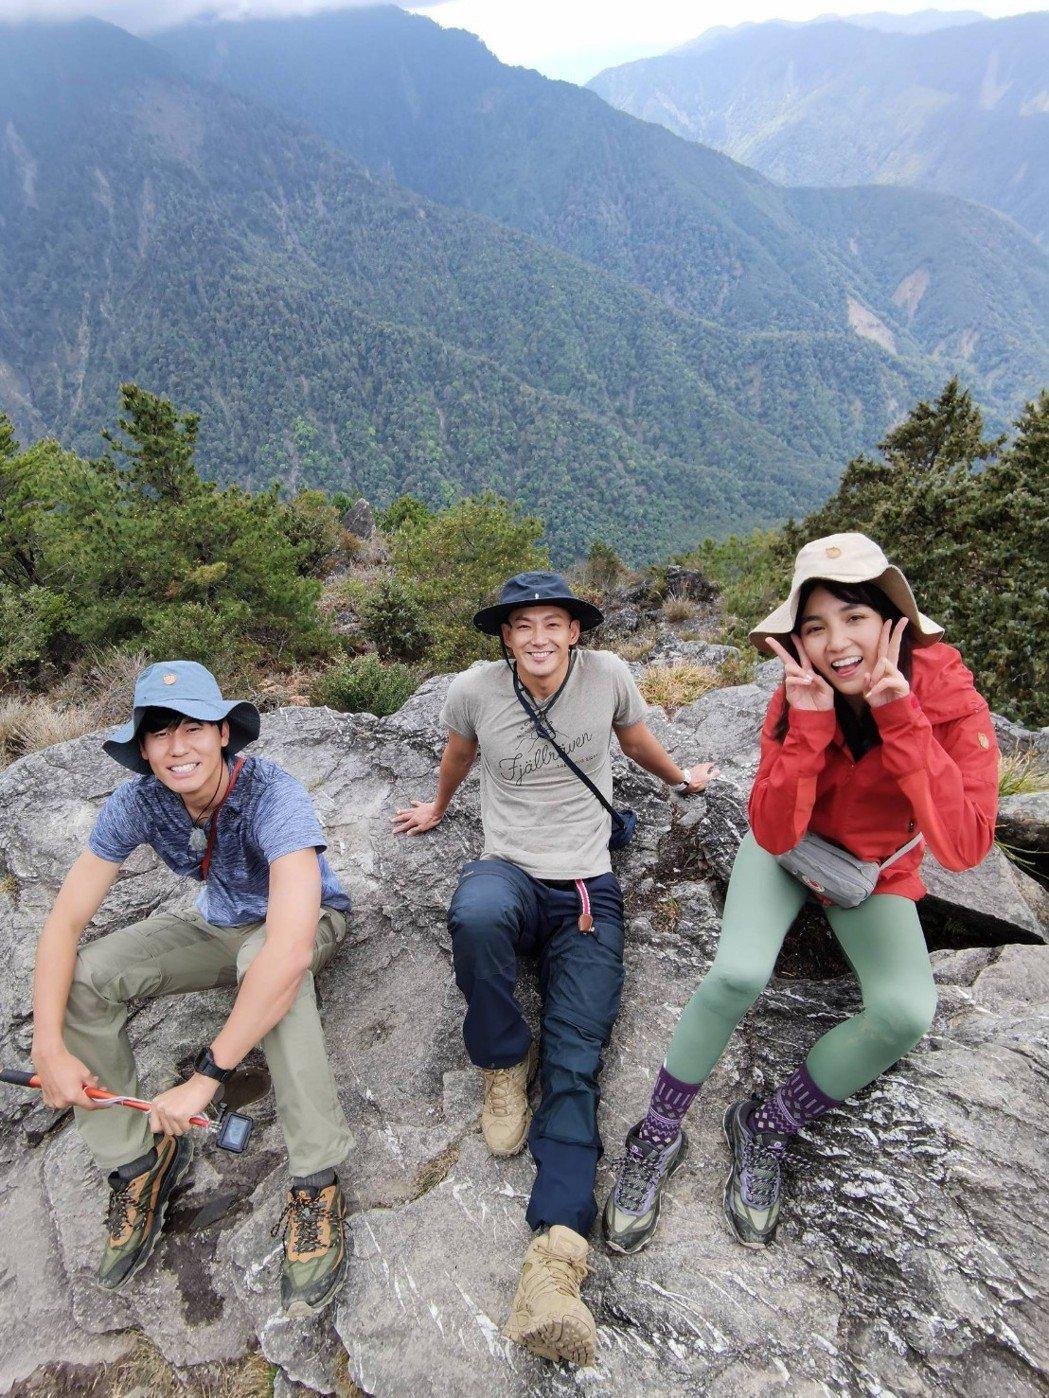 「食尚玩家熱血48小時」登玉山,風田(左)及朵拉(右)爬到想放棄,威廉則在一旁鼓...